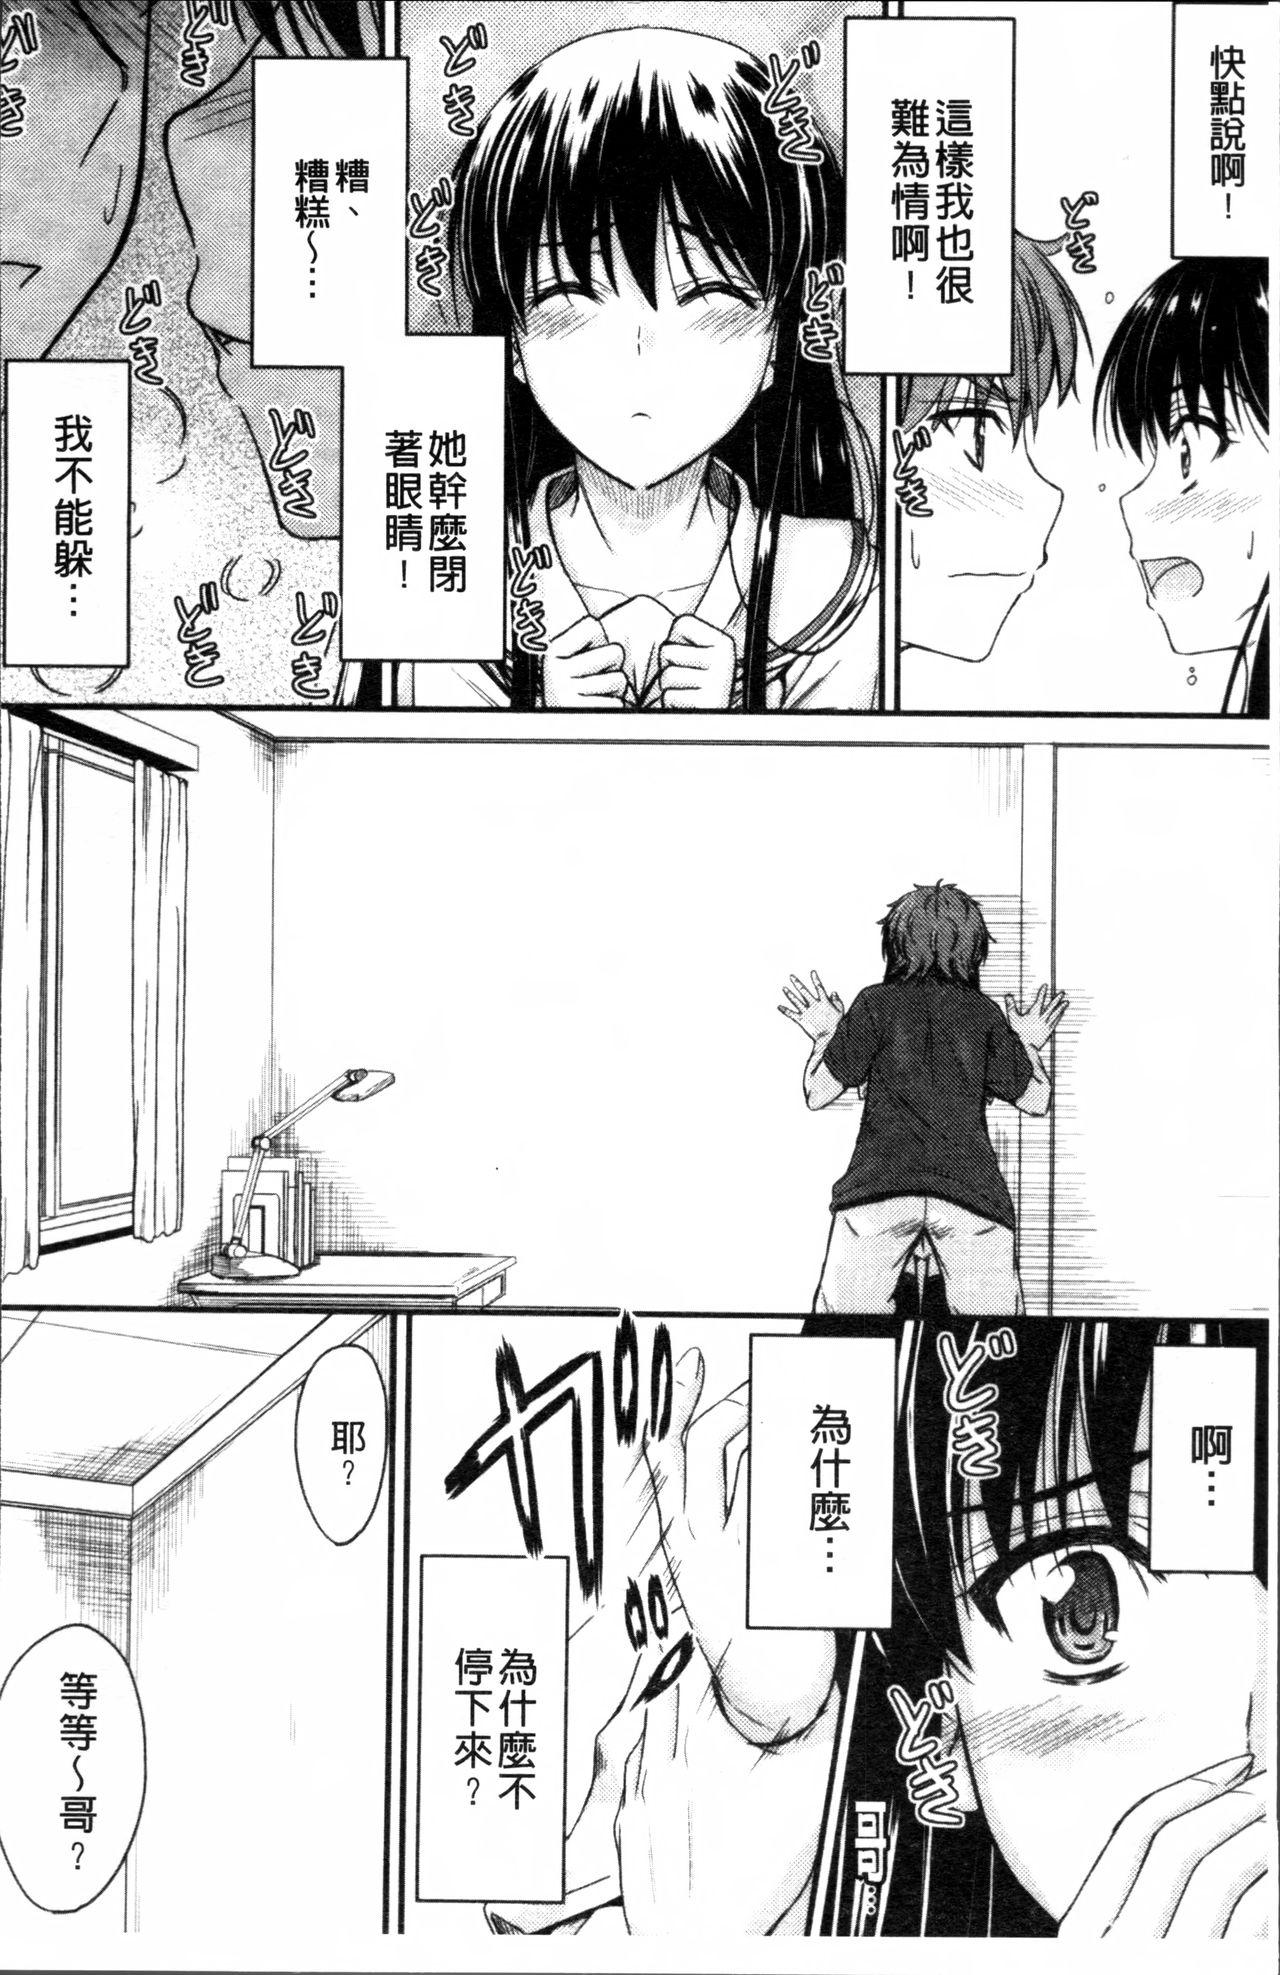 Koi Ecchi - Love H 15